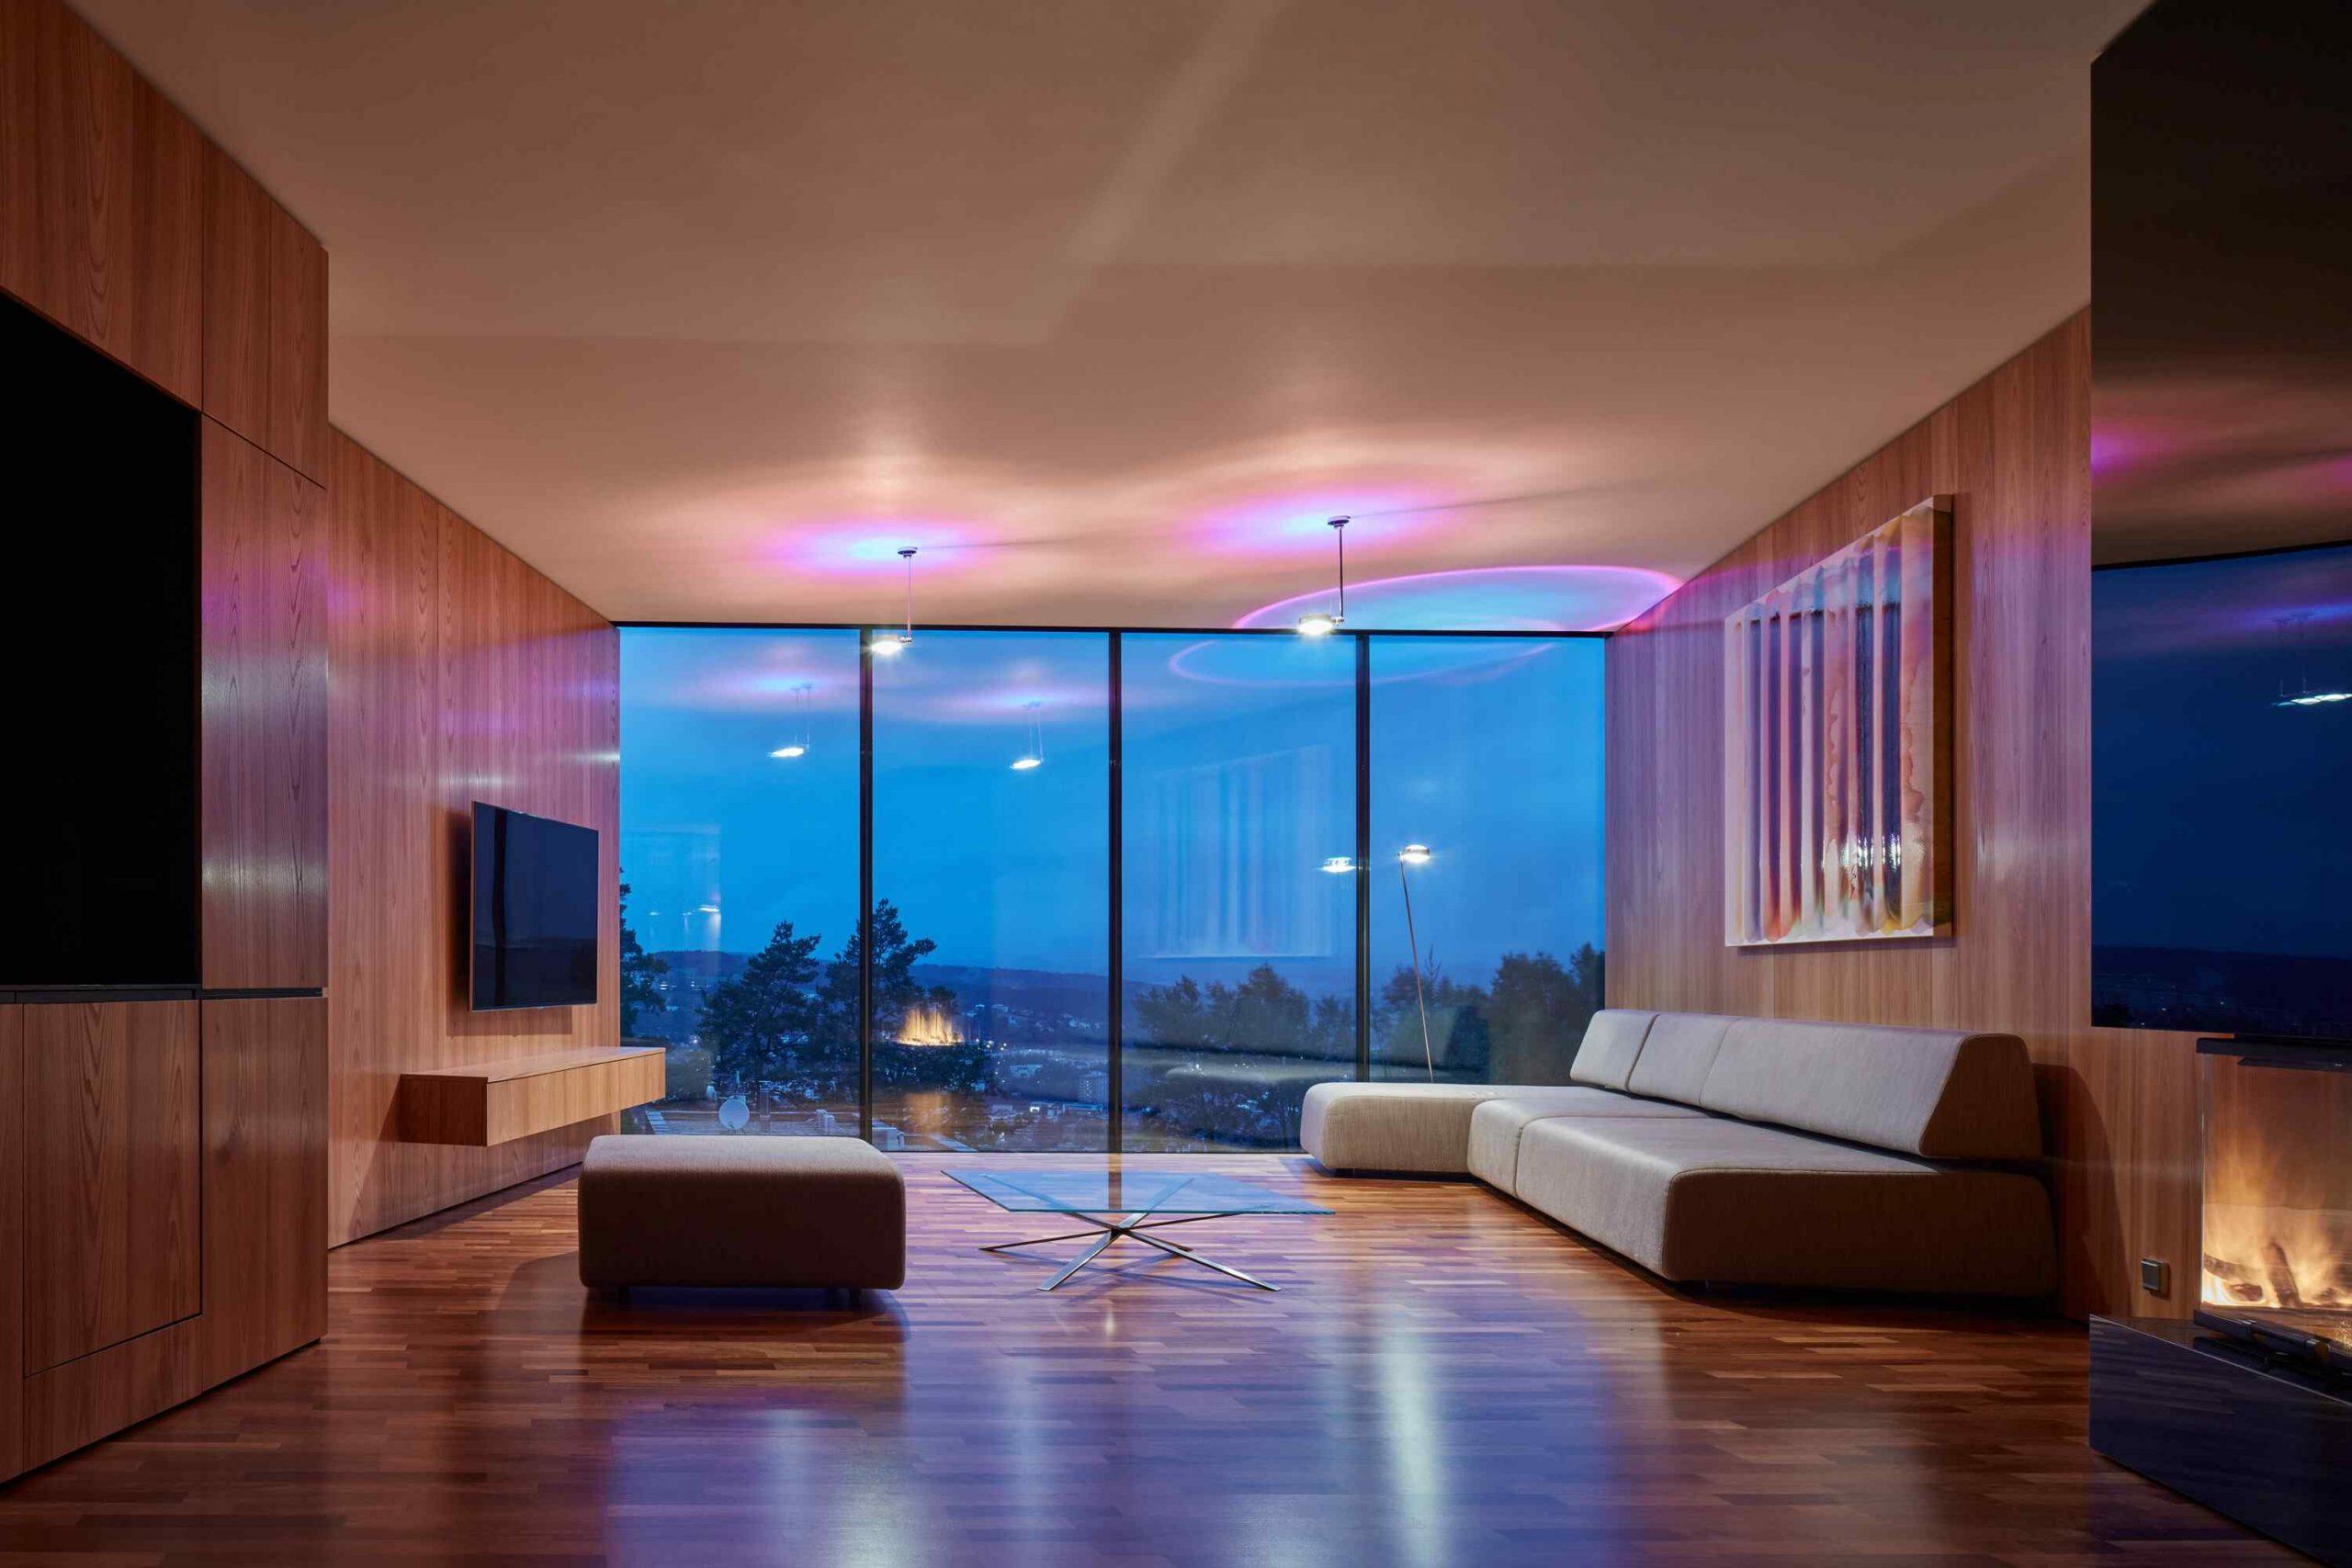 Ultramoderná obývačka s výhľadom na mesto